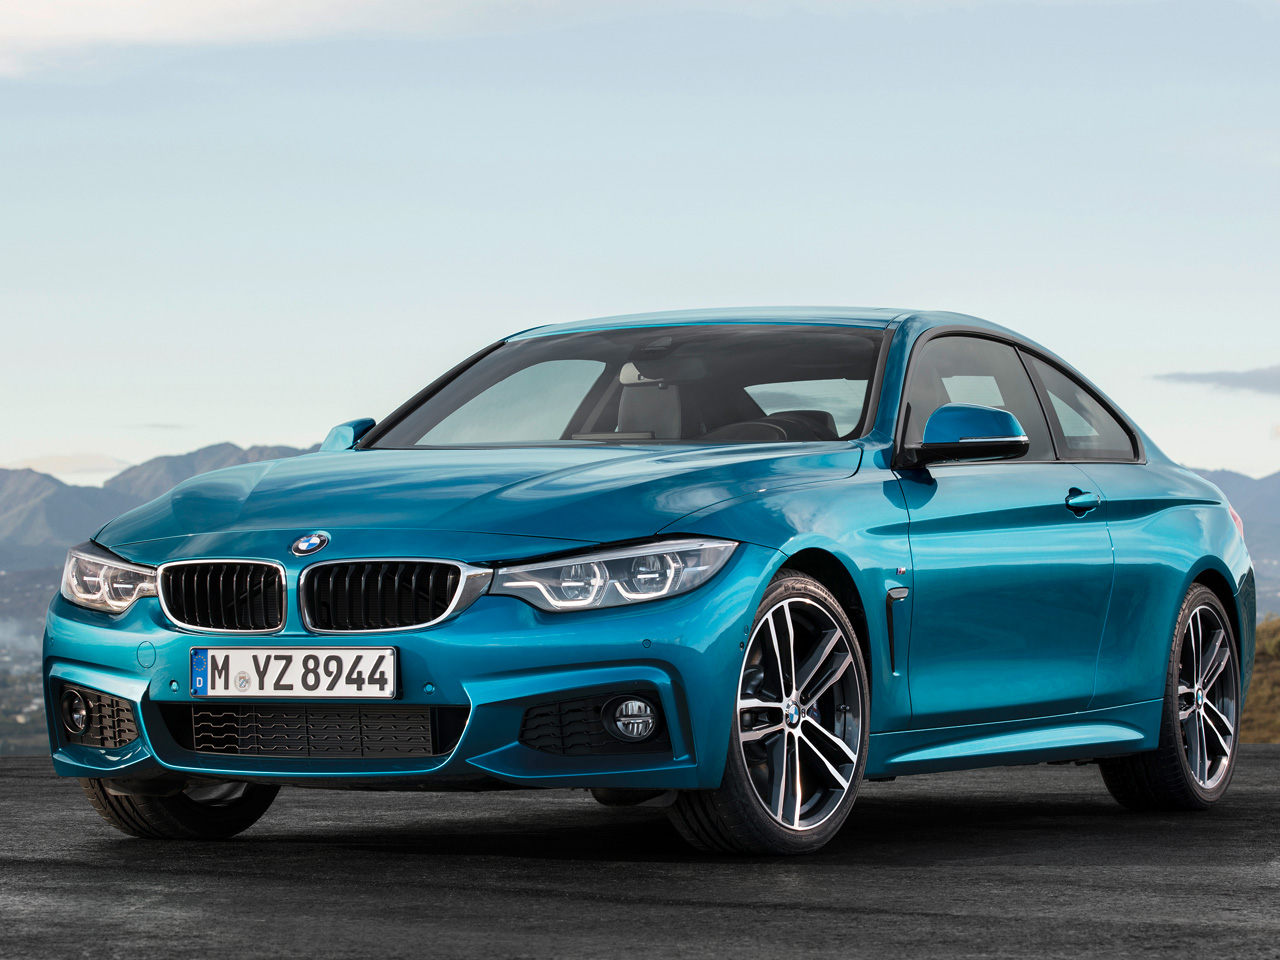 BMW 4シリーズ クーペ 2013年モデル 新車画像